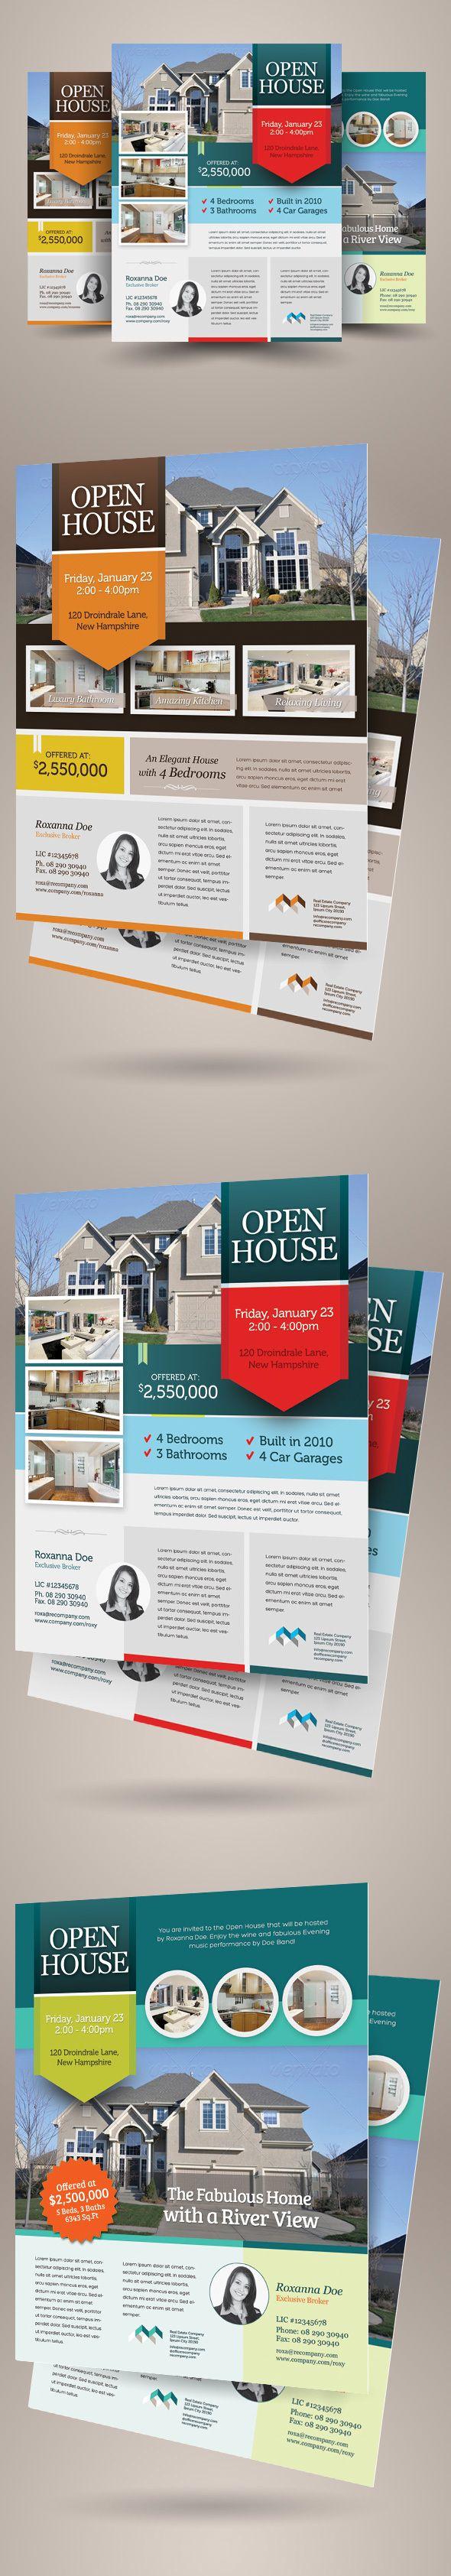 Real Estate Open House Flyers by Kinzi Wij, via Behance